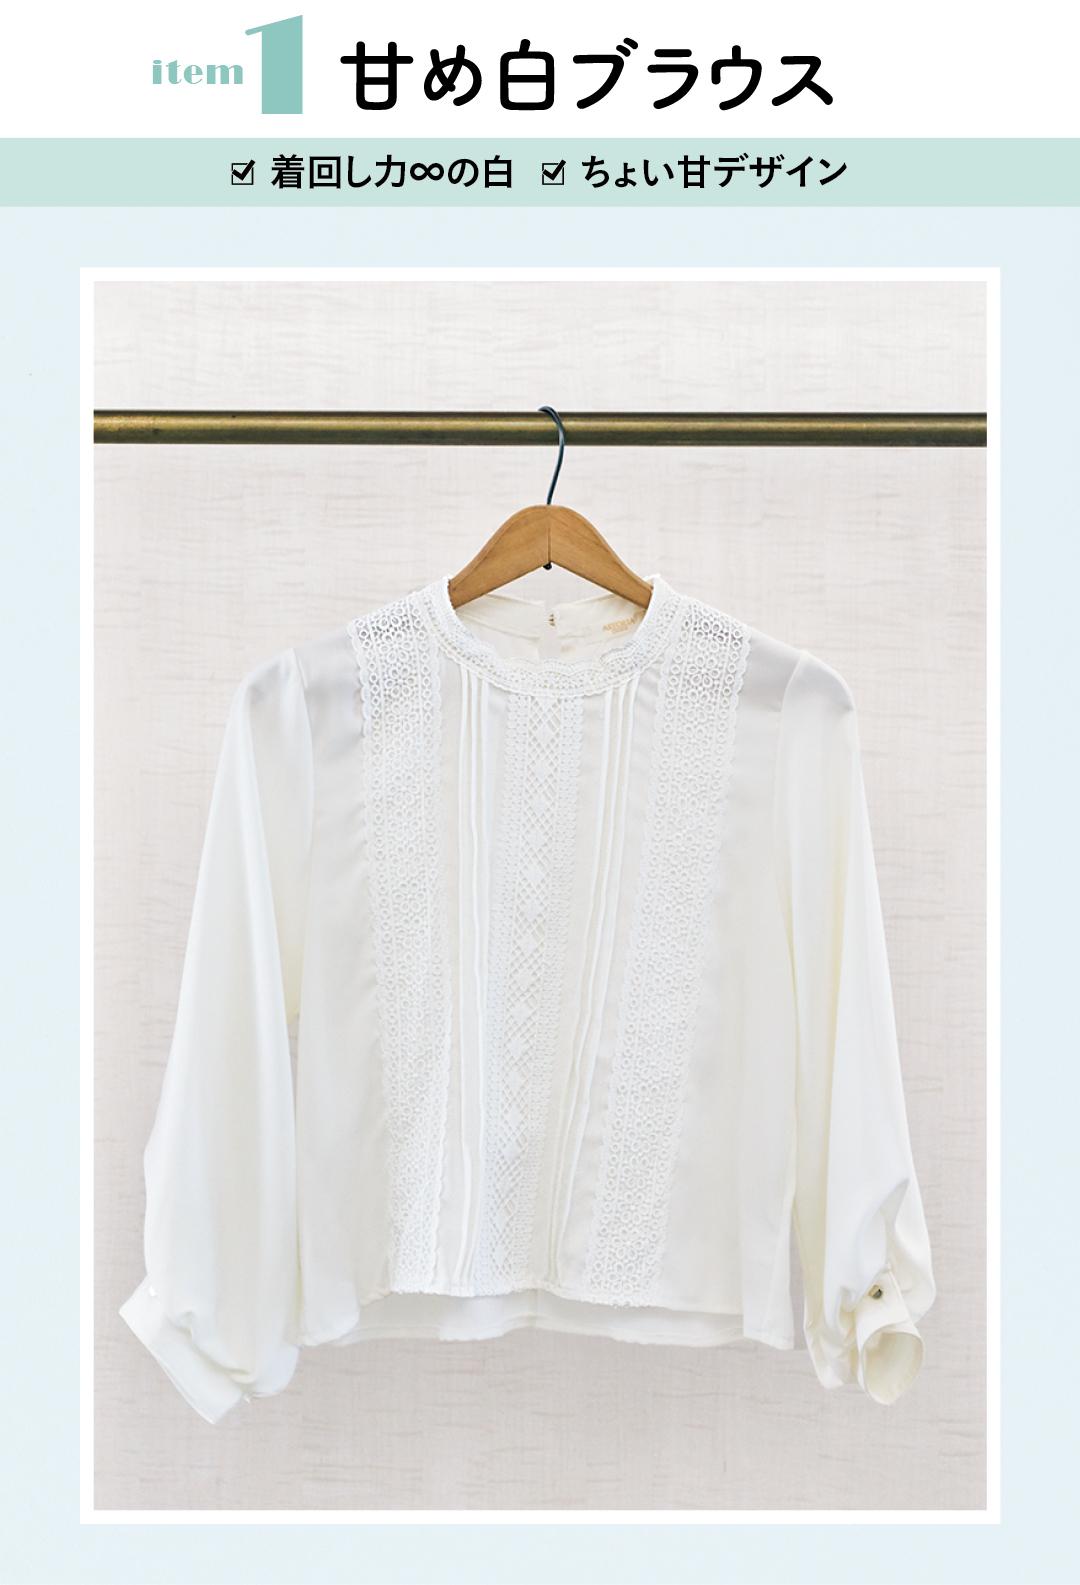 item1 甘め白ブラウス ☑︎着回し力∞の白 ☑︎ちょい甘デザイン